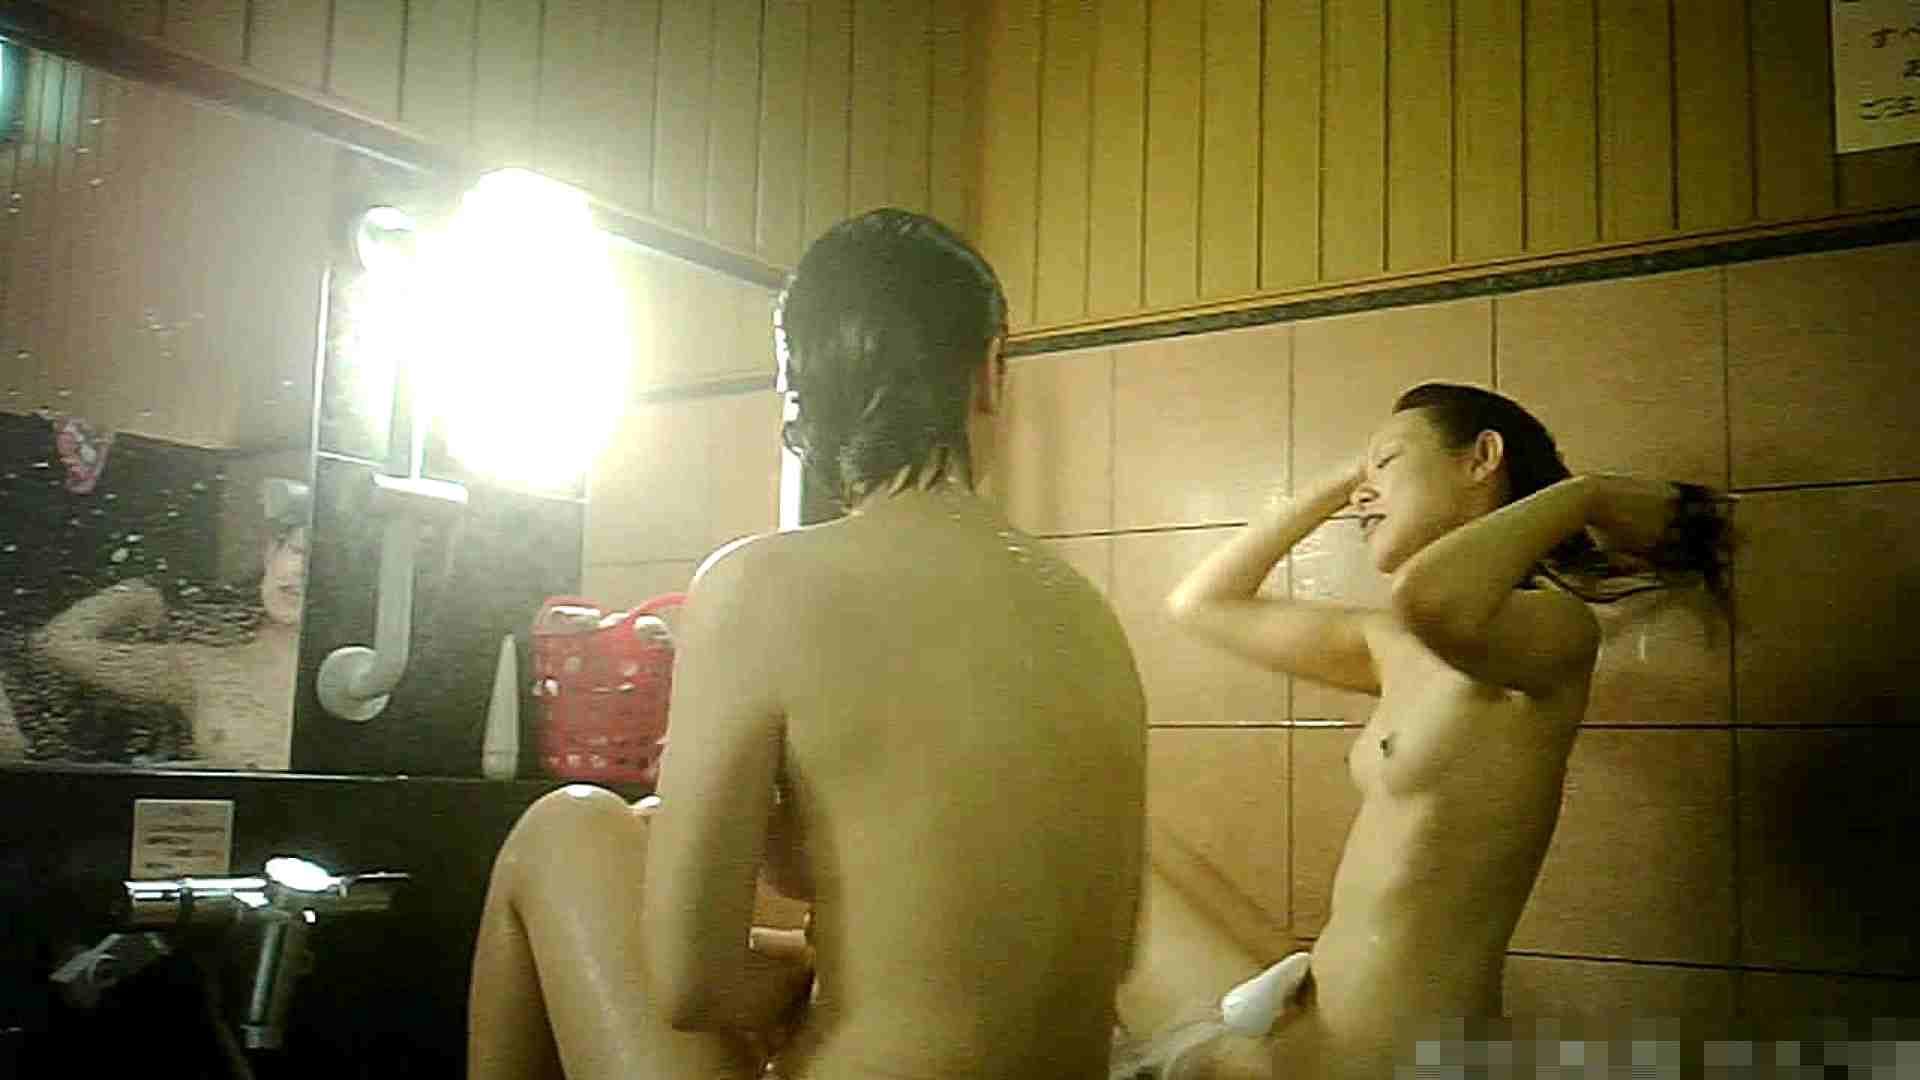 セックスアダルト動画|Vol.55 洗い場!2人の横乳をご堪能ください。|怪盗ジョーカー